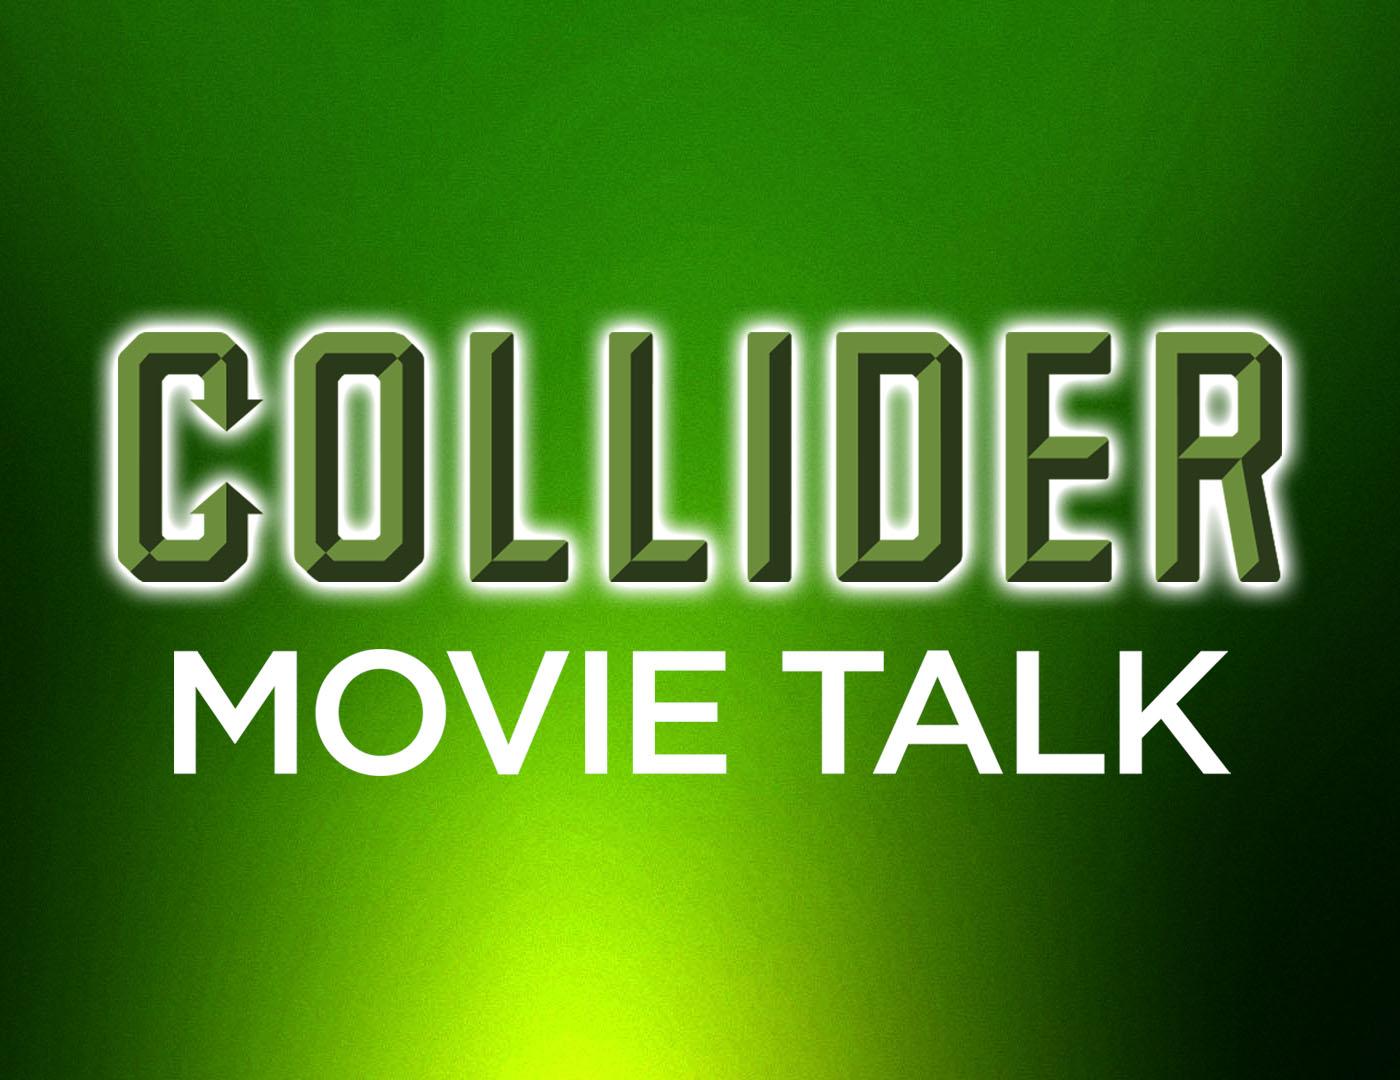 Collider Movie Talk - Biggest Stories Of 2015